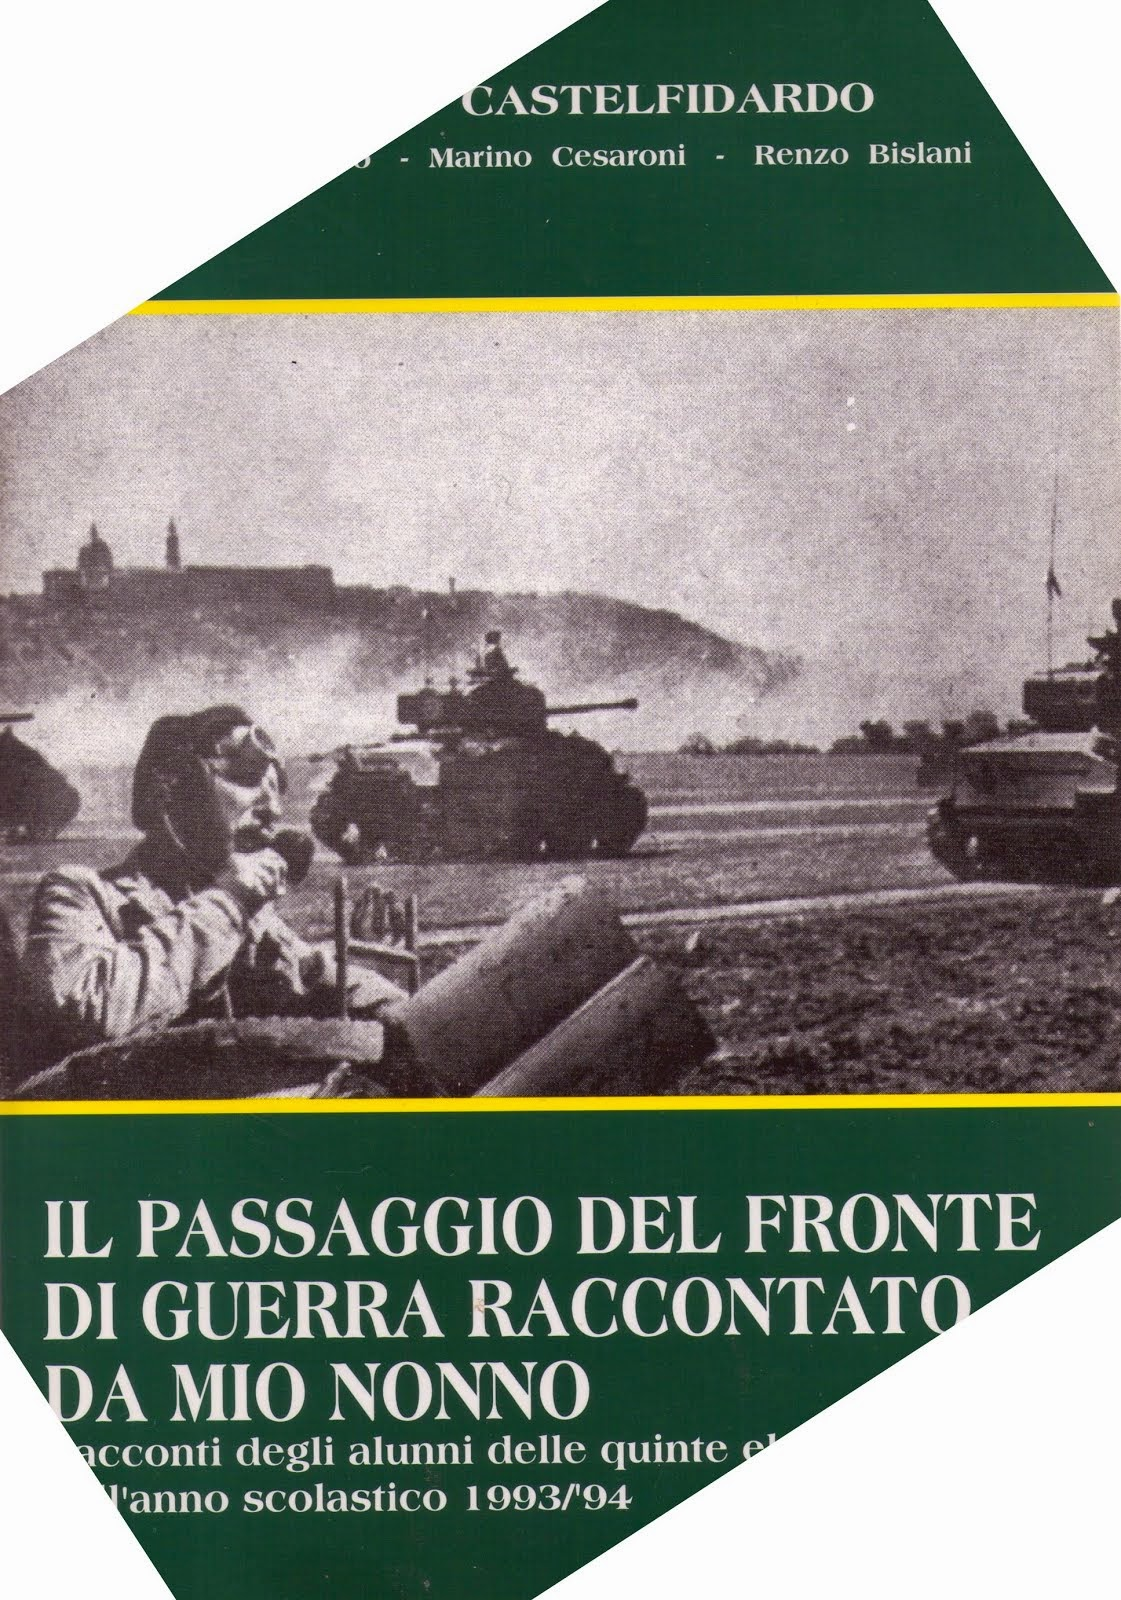 Castelfidardo. Il Passagigo del fronte 1944